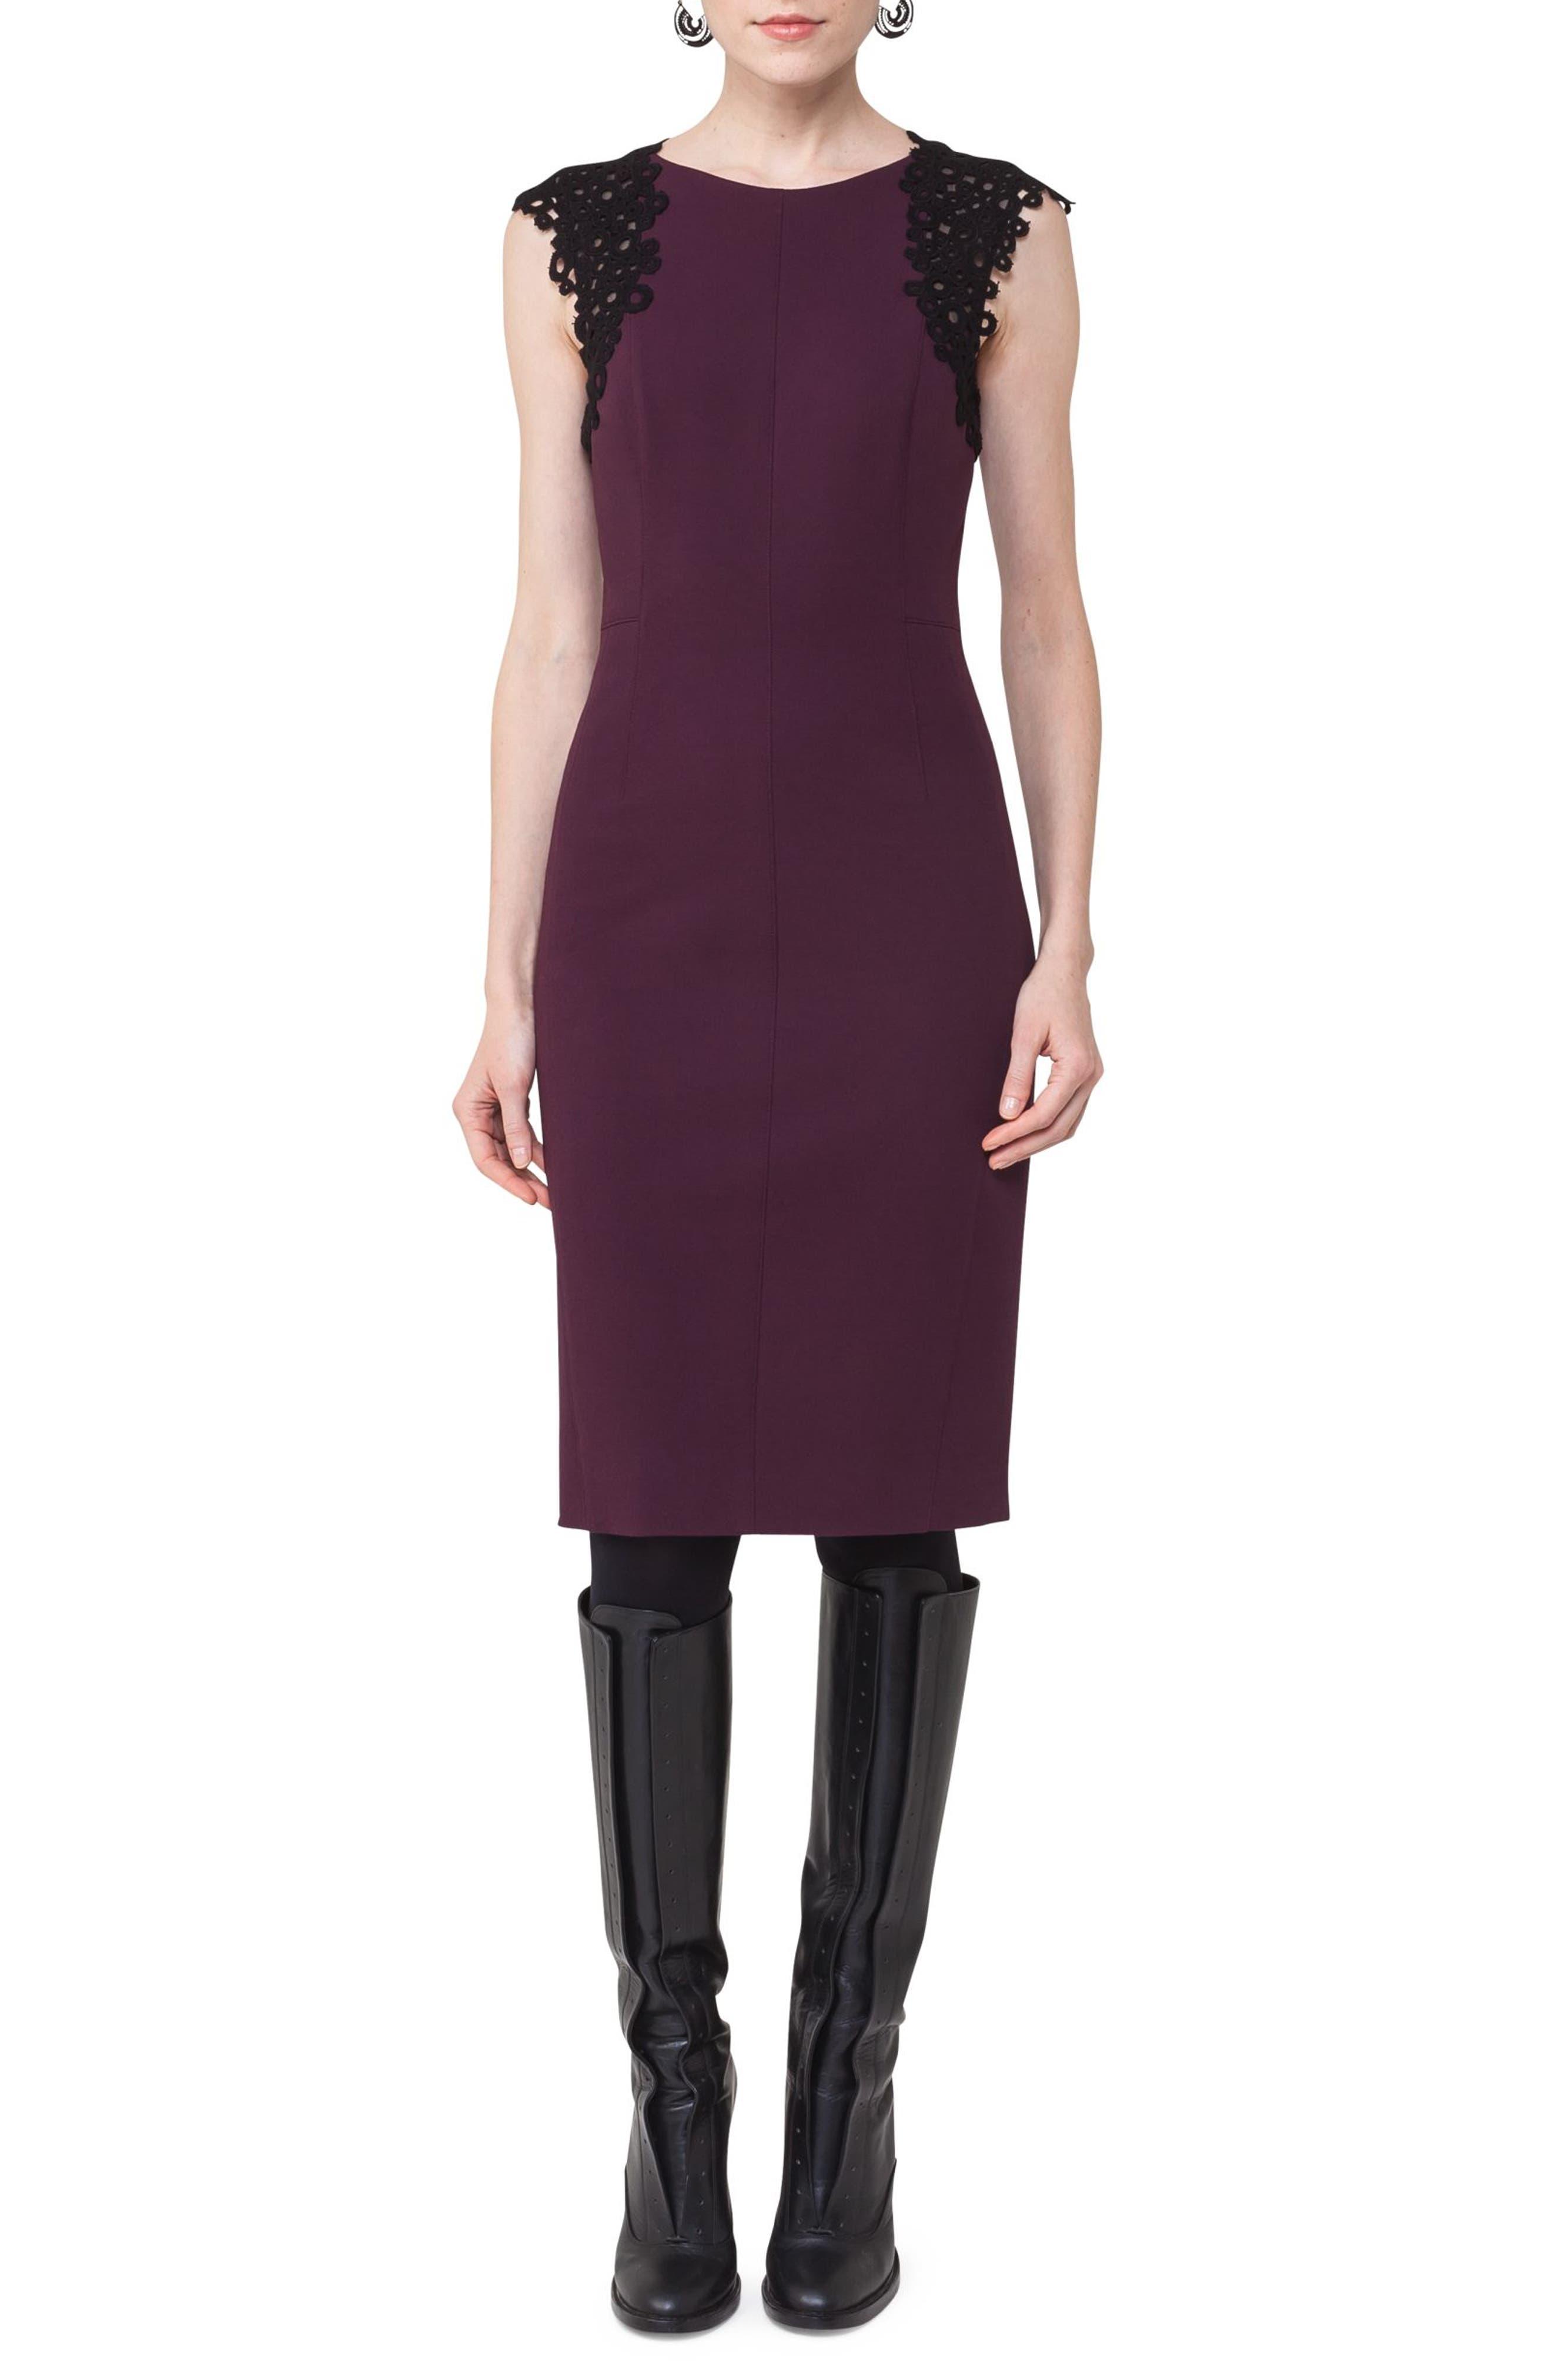 Lace Trim Sheath Dress,                         Main,                         color, 930